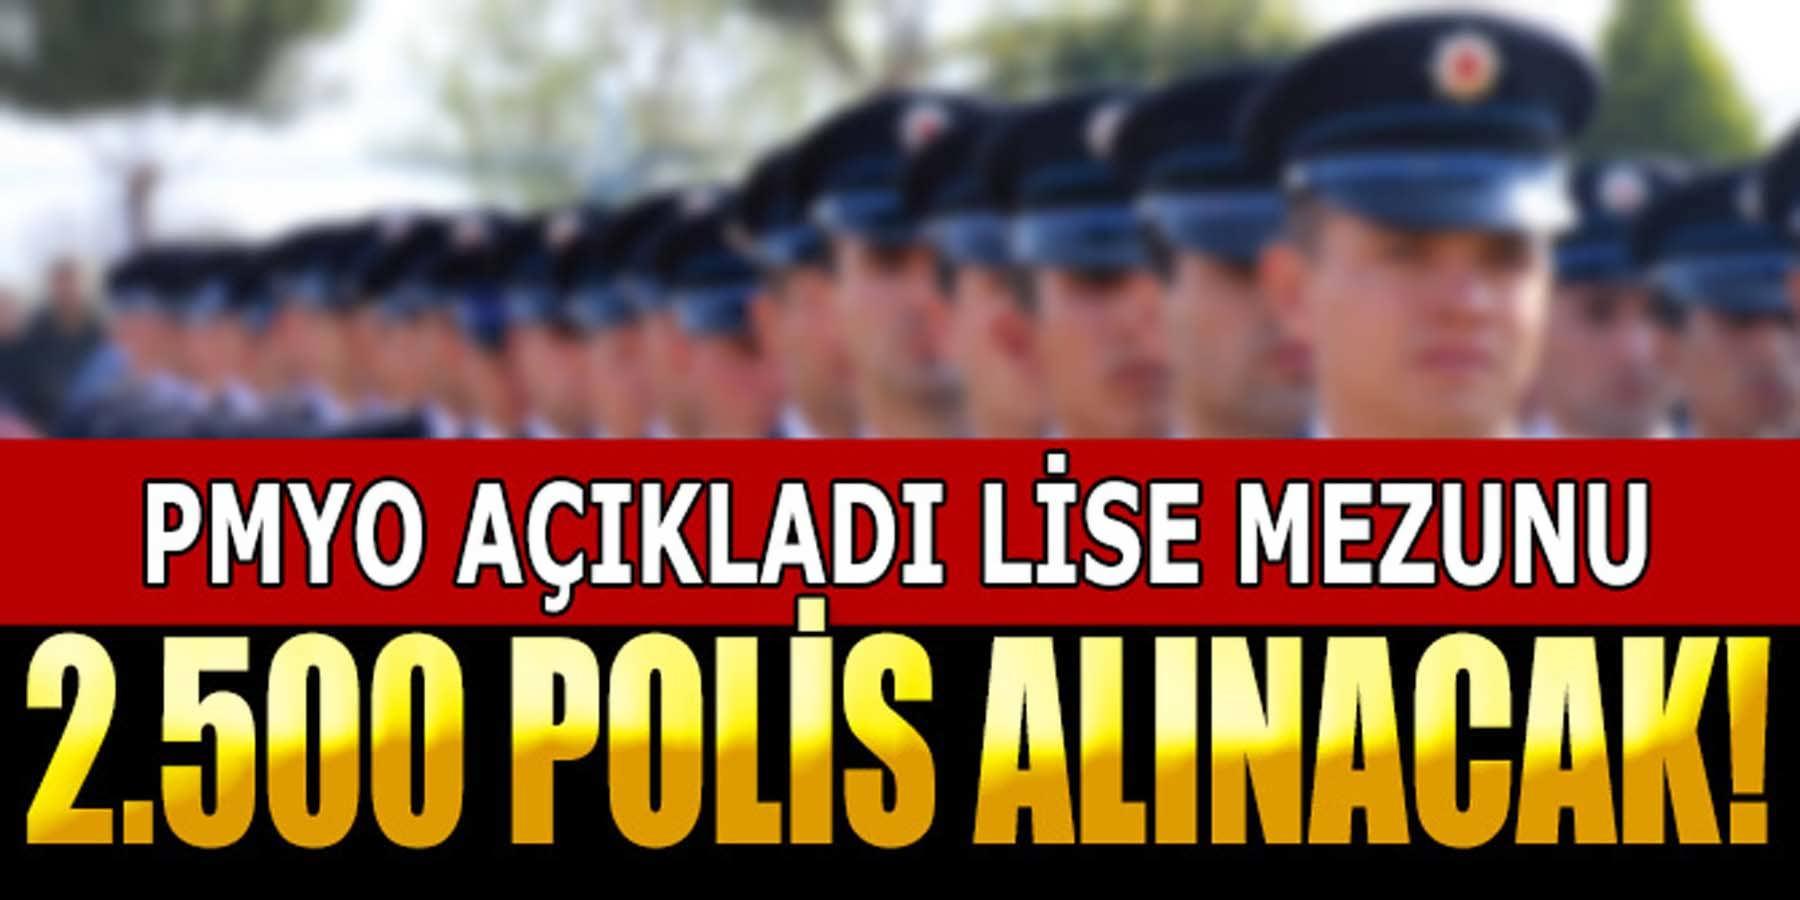 Bay Bayan Lise Mezunu 2500 Polis Alımı Yayınlandı